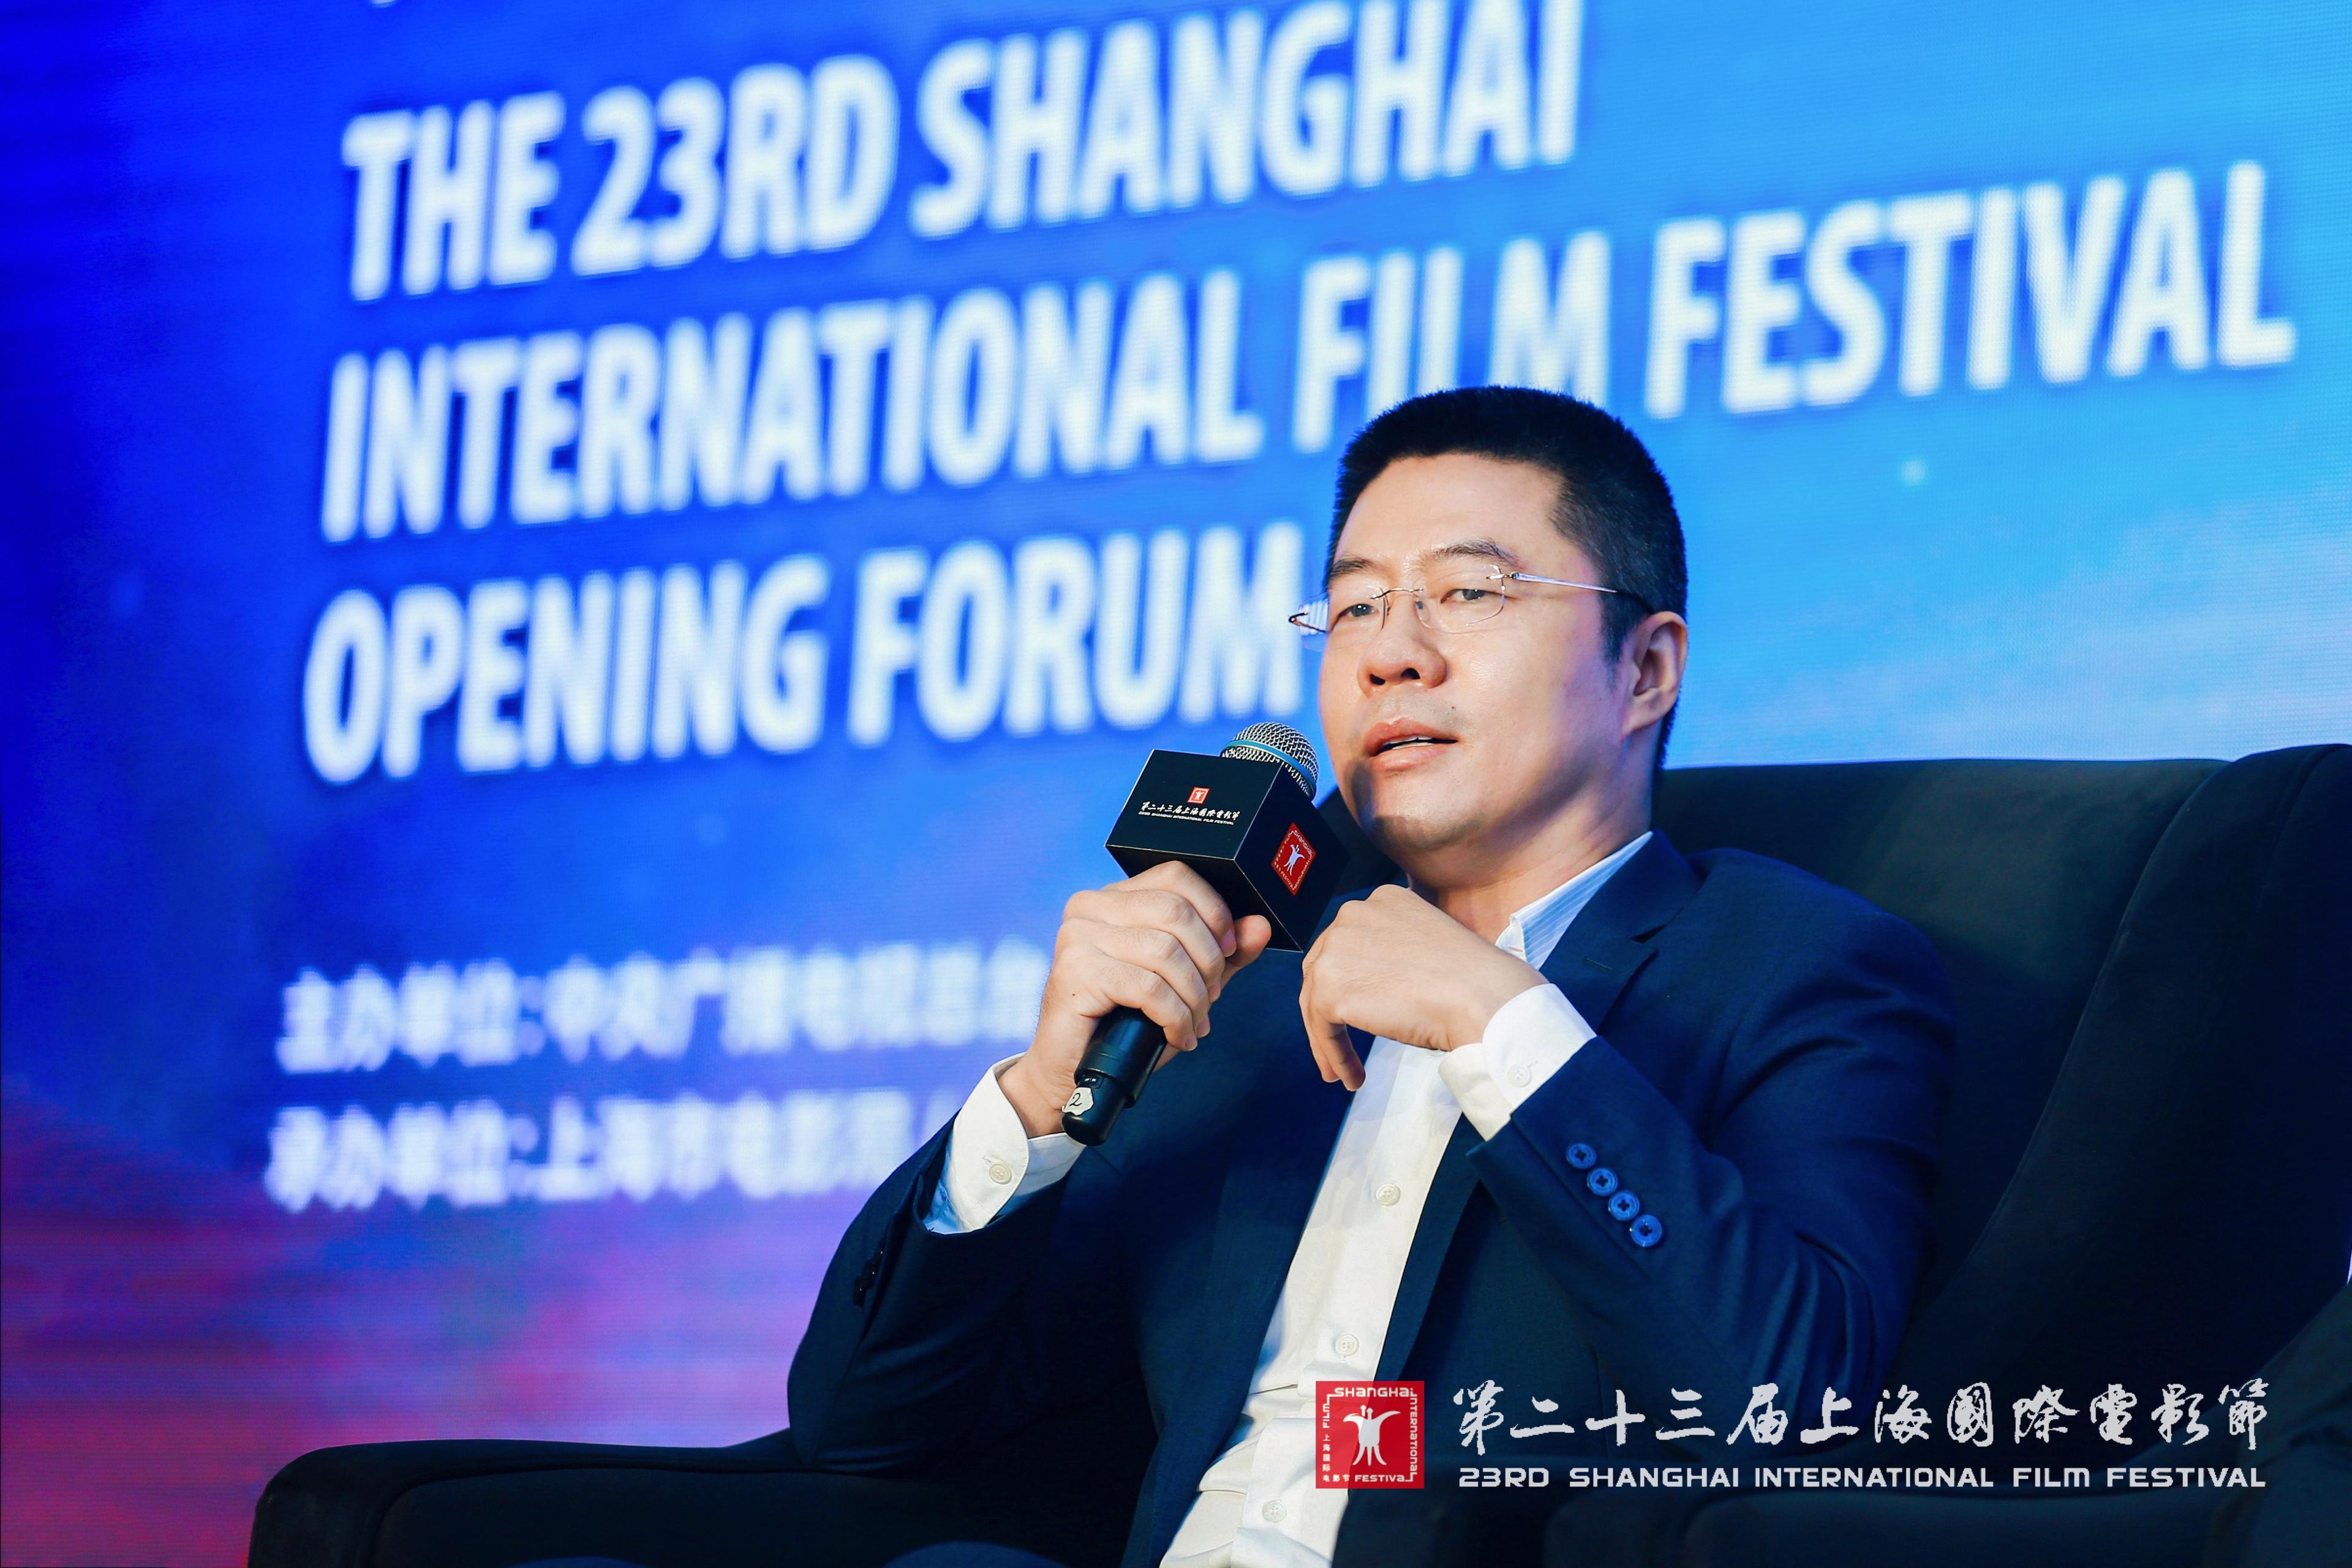 腾讯影业CEO:流媒体不能取代走进电影院的仪式感